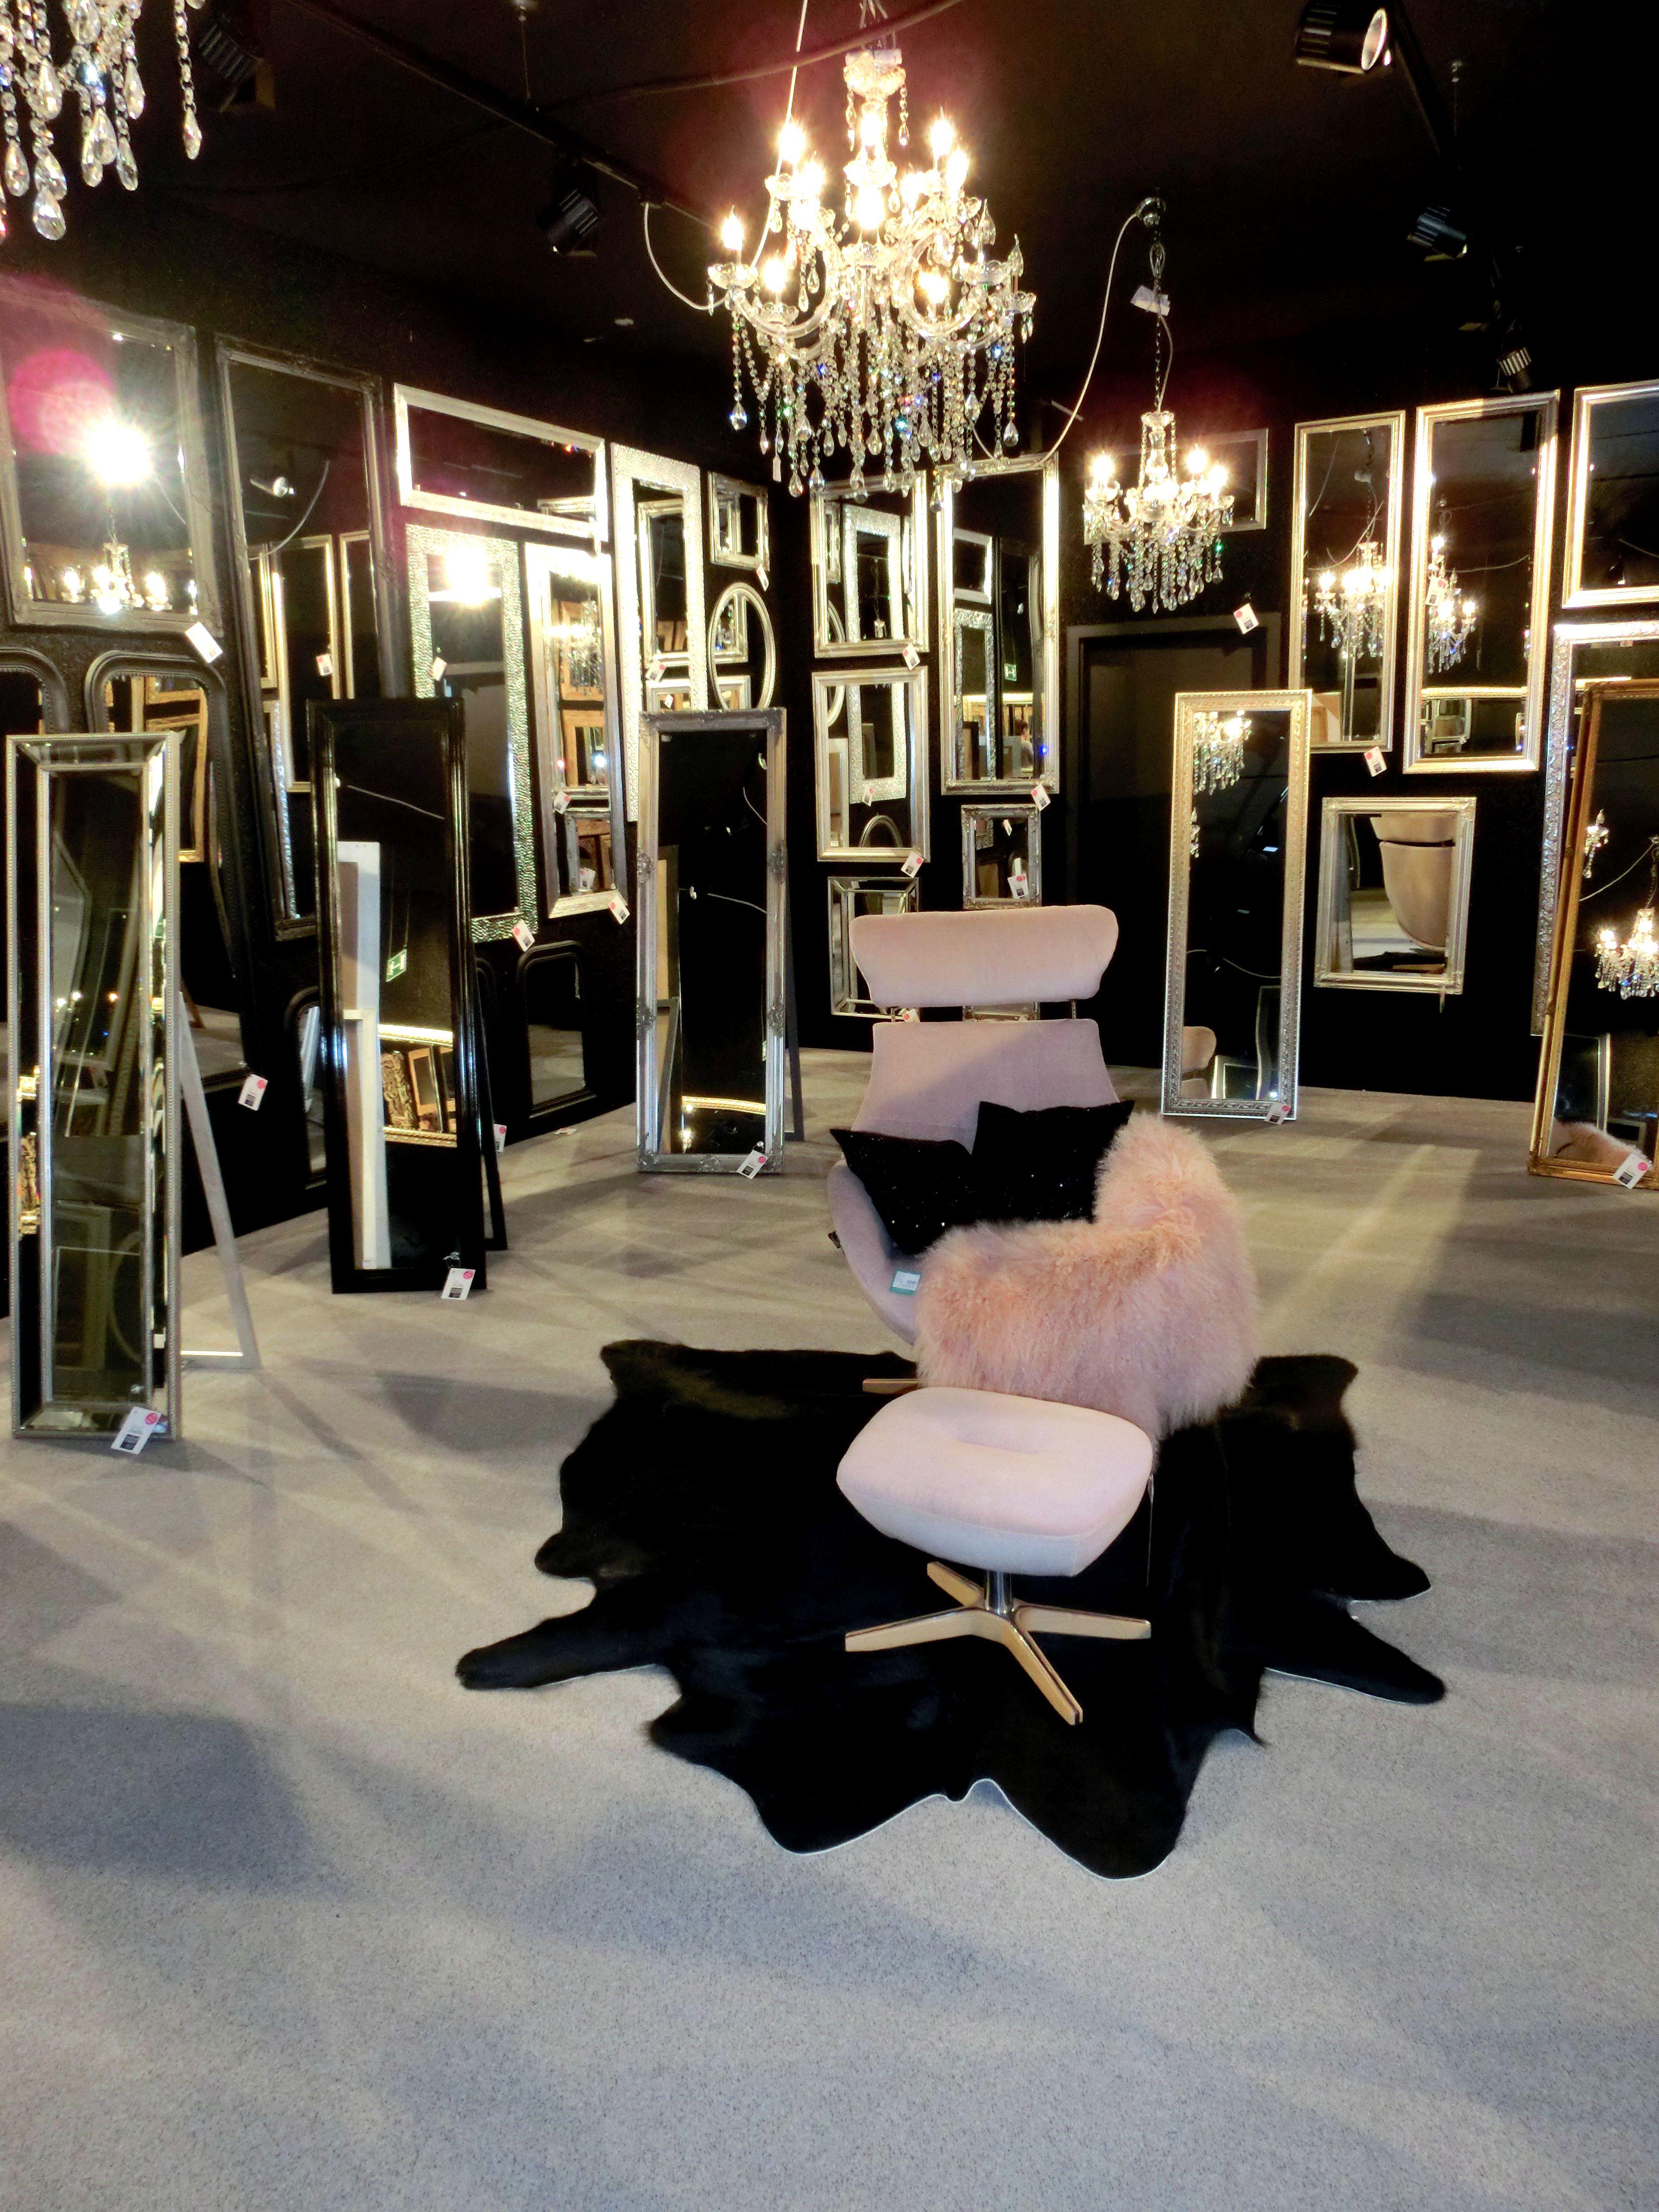 Jetzt Wird Es Pompos Heute Prasentieren Wir Euch Unser Neues Spiegel Kabinett Wir Haben Fur Alle Geschmacker Den Passenden Spiege Mobel Einrichtung Haus